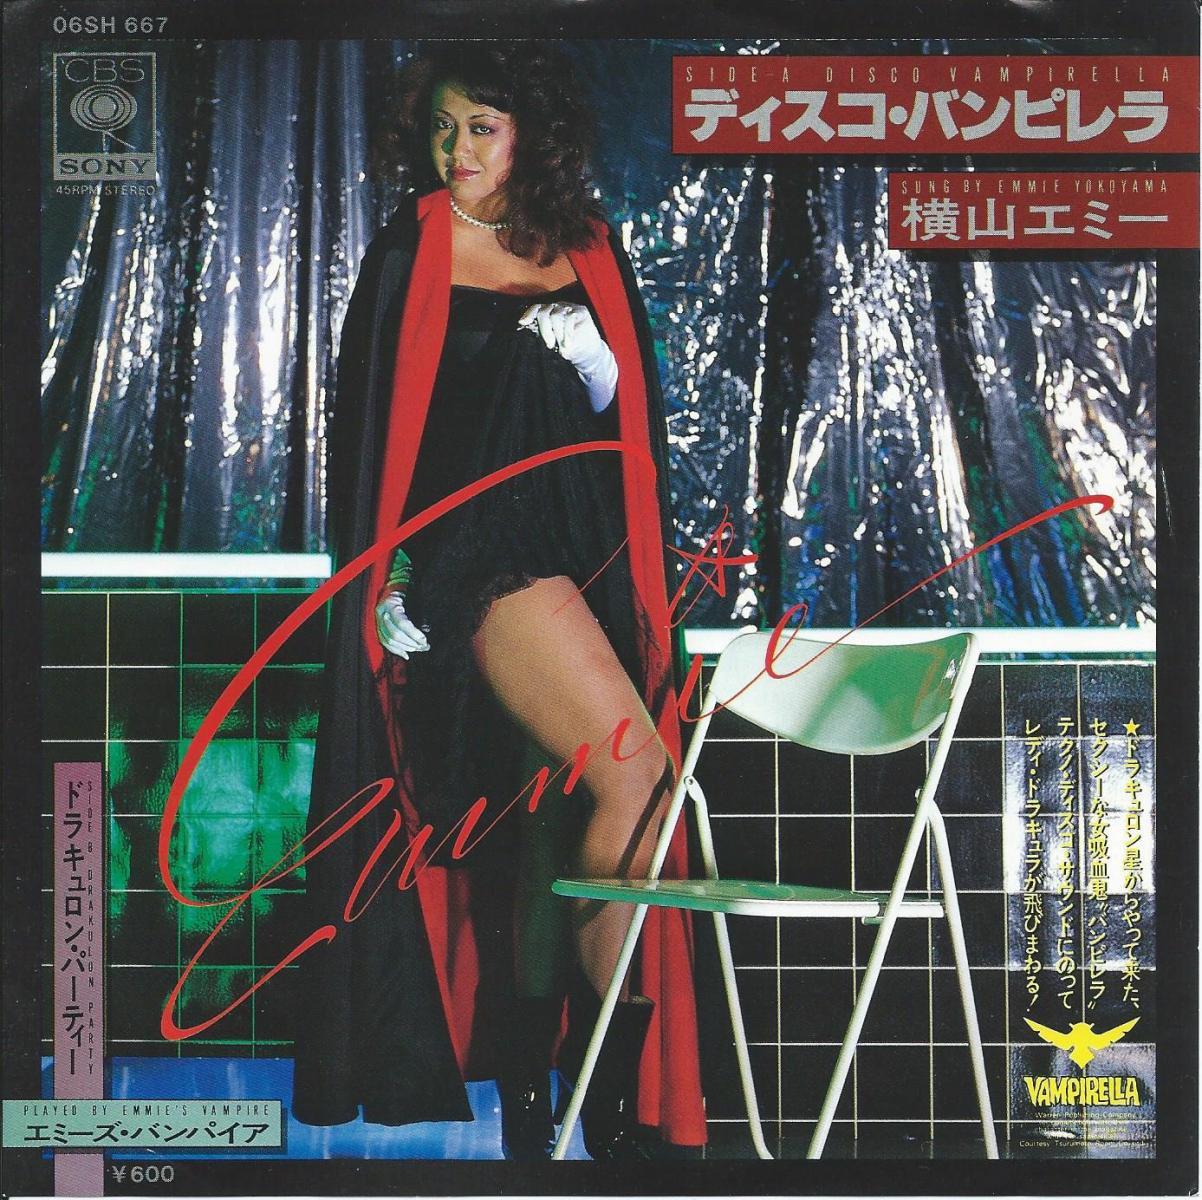 '79カルト人気のシングル。ウォーレン・コミックス作のアメコミ「バンピ... 横山エミ